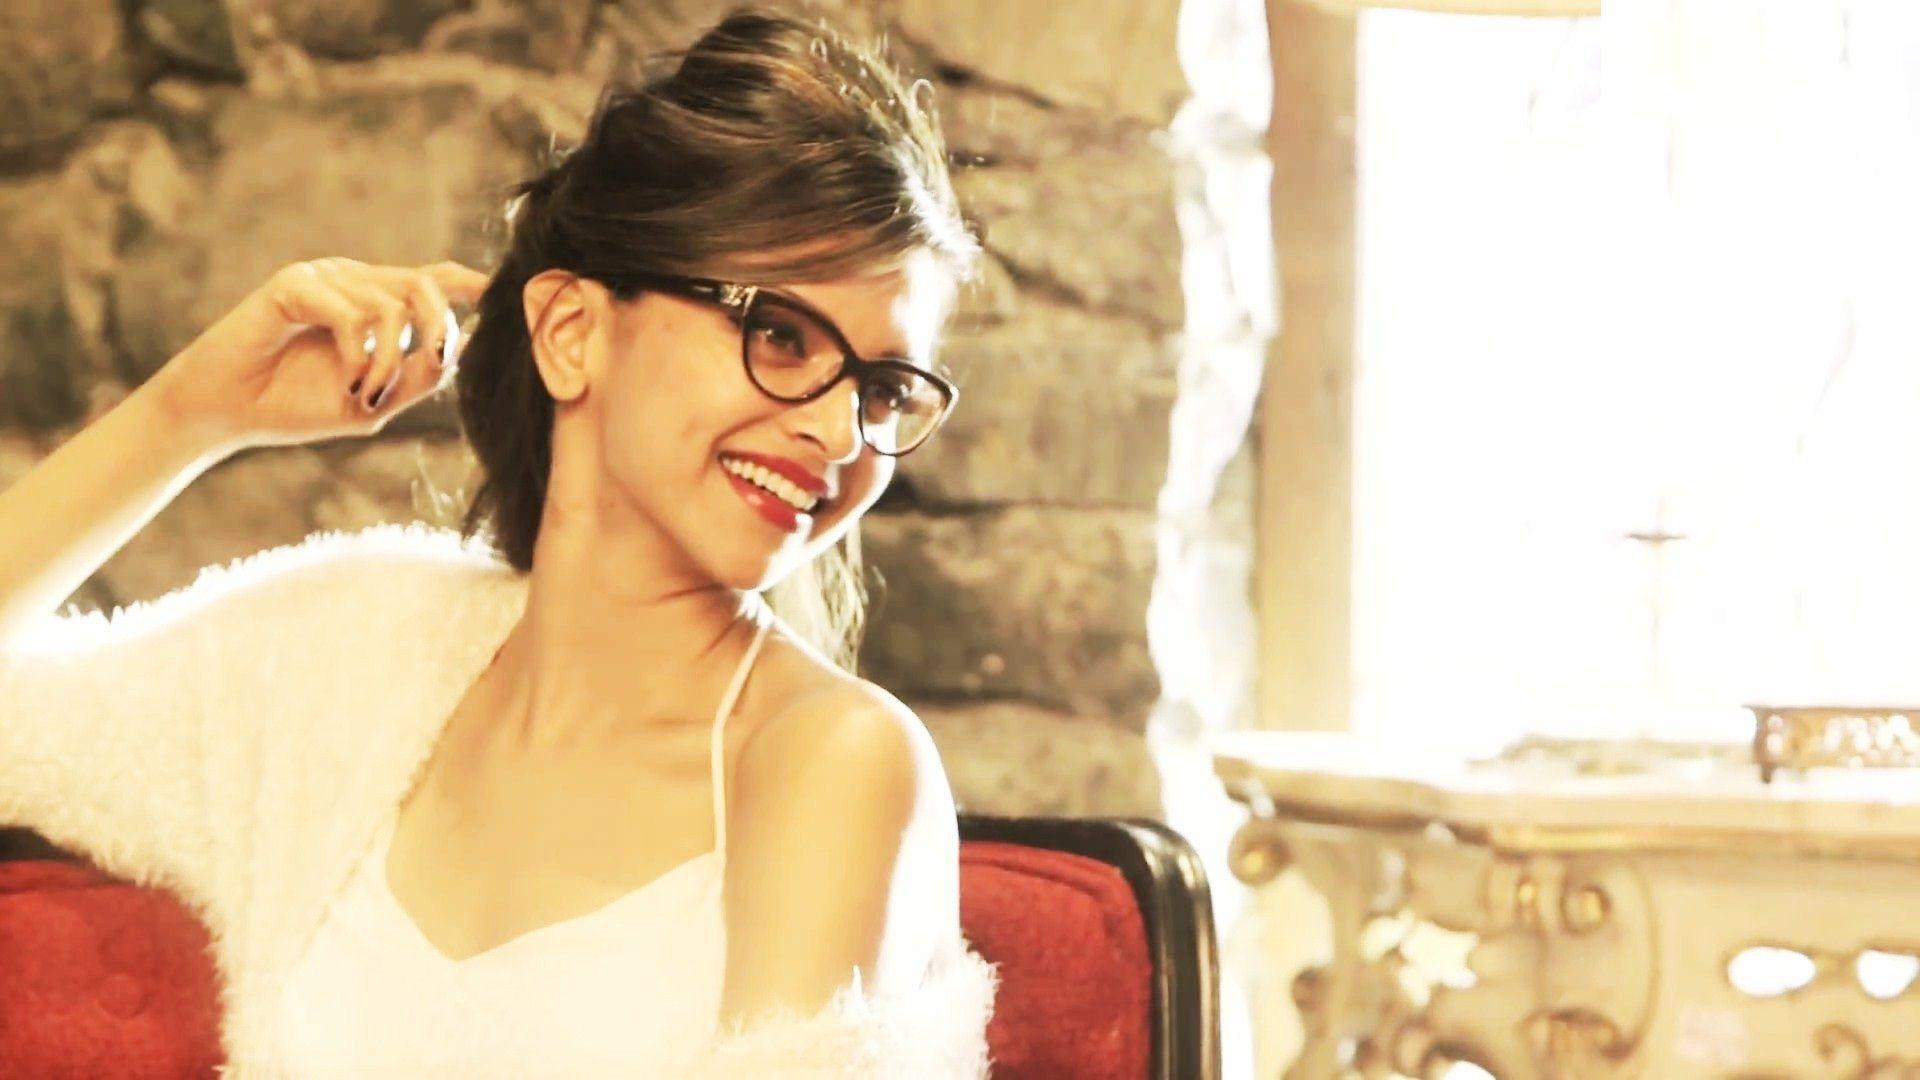 Deepika Padukone looking wonderful in Specs | Deepika ...